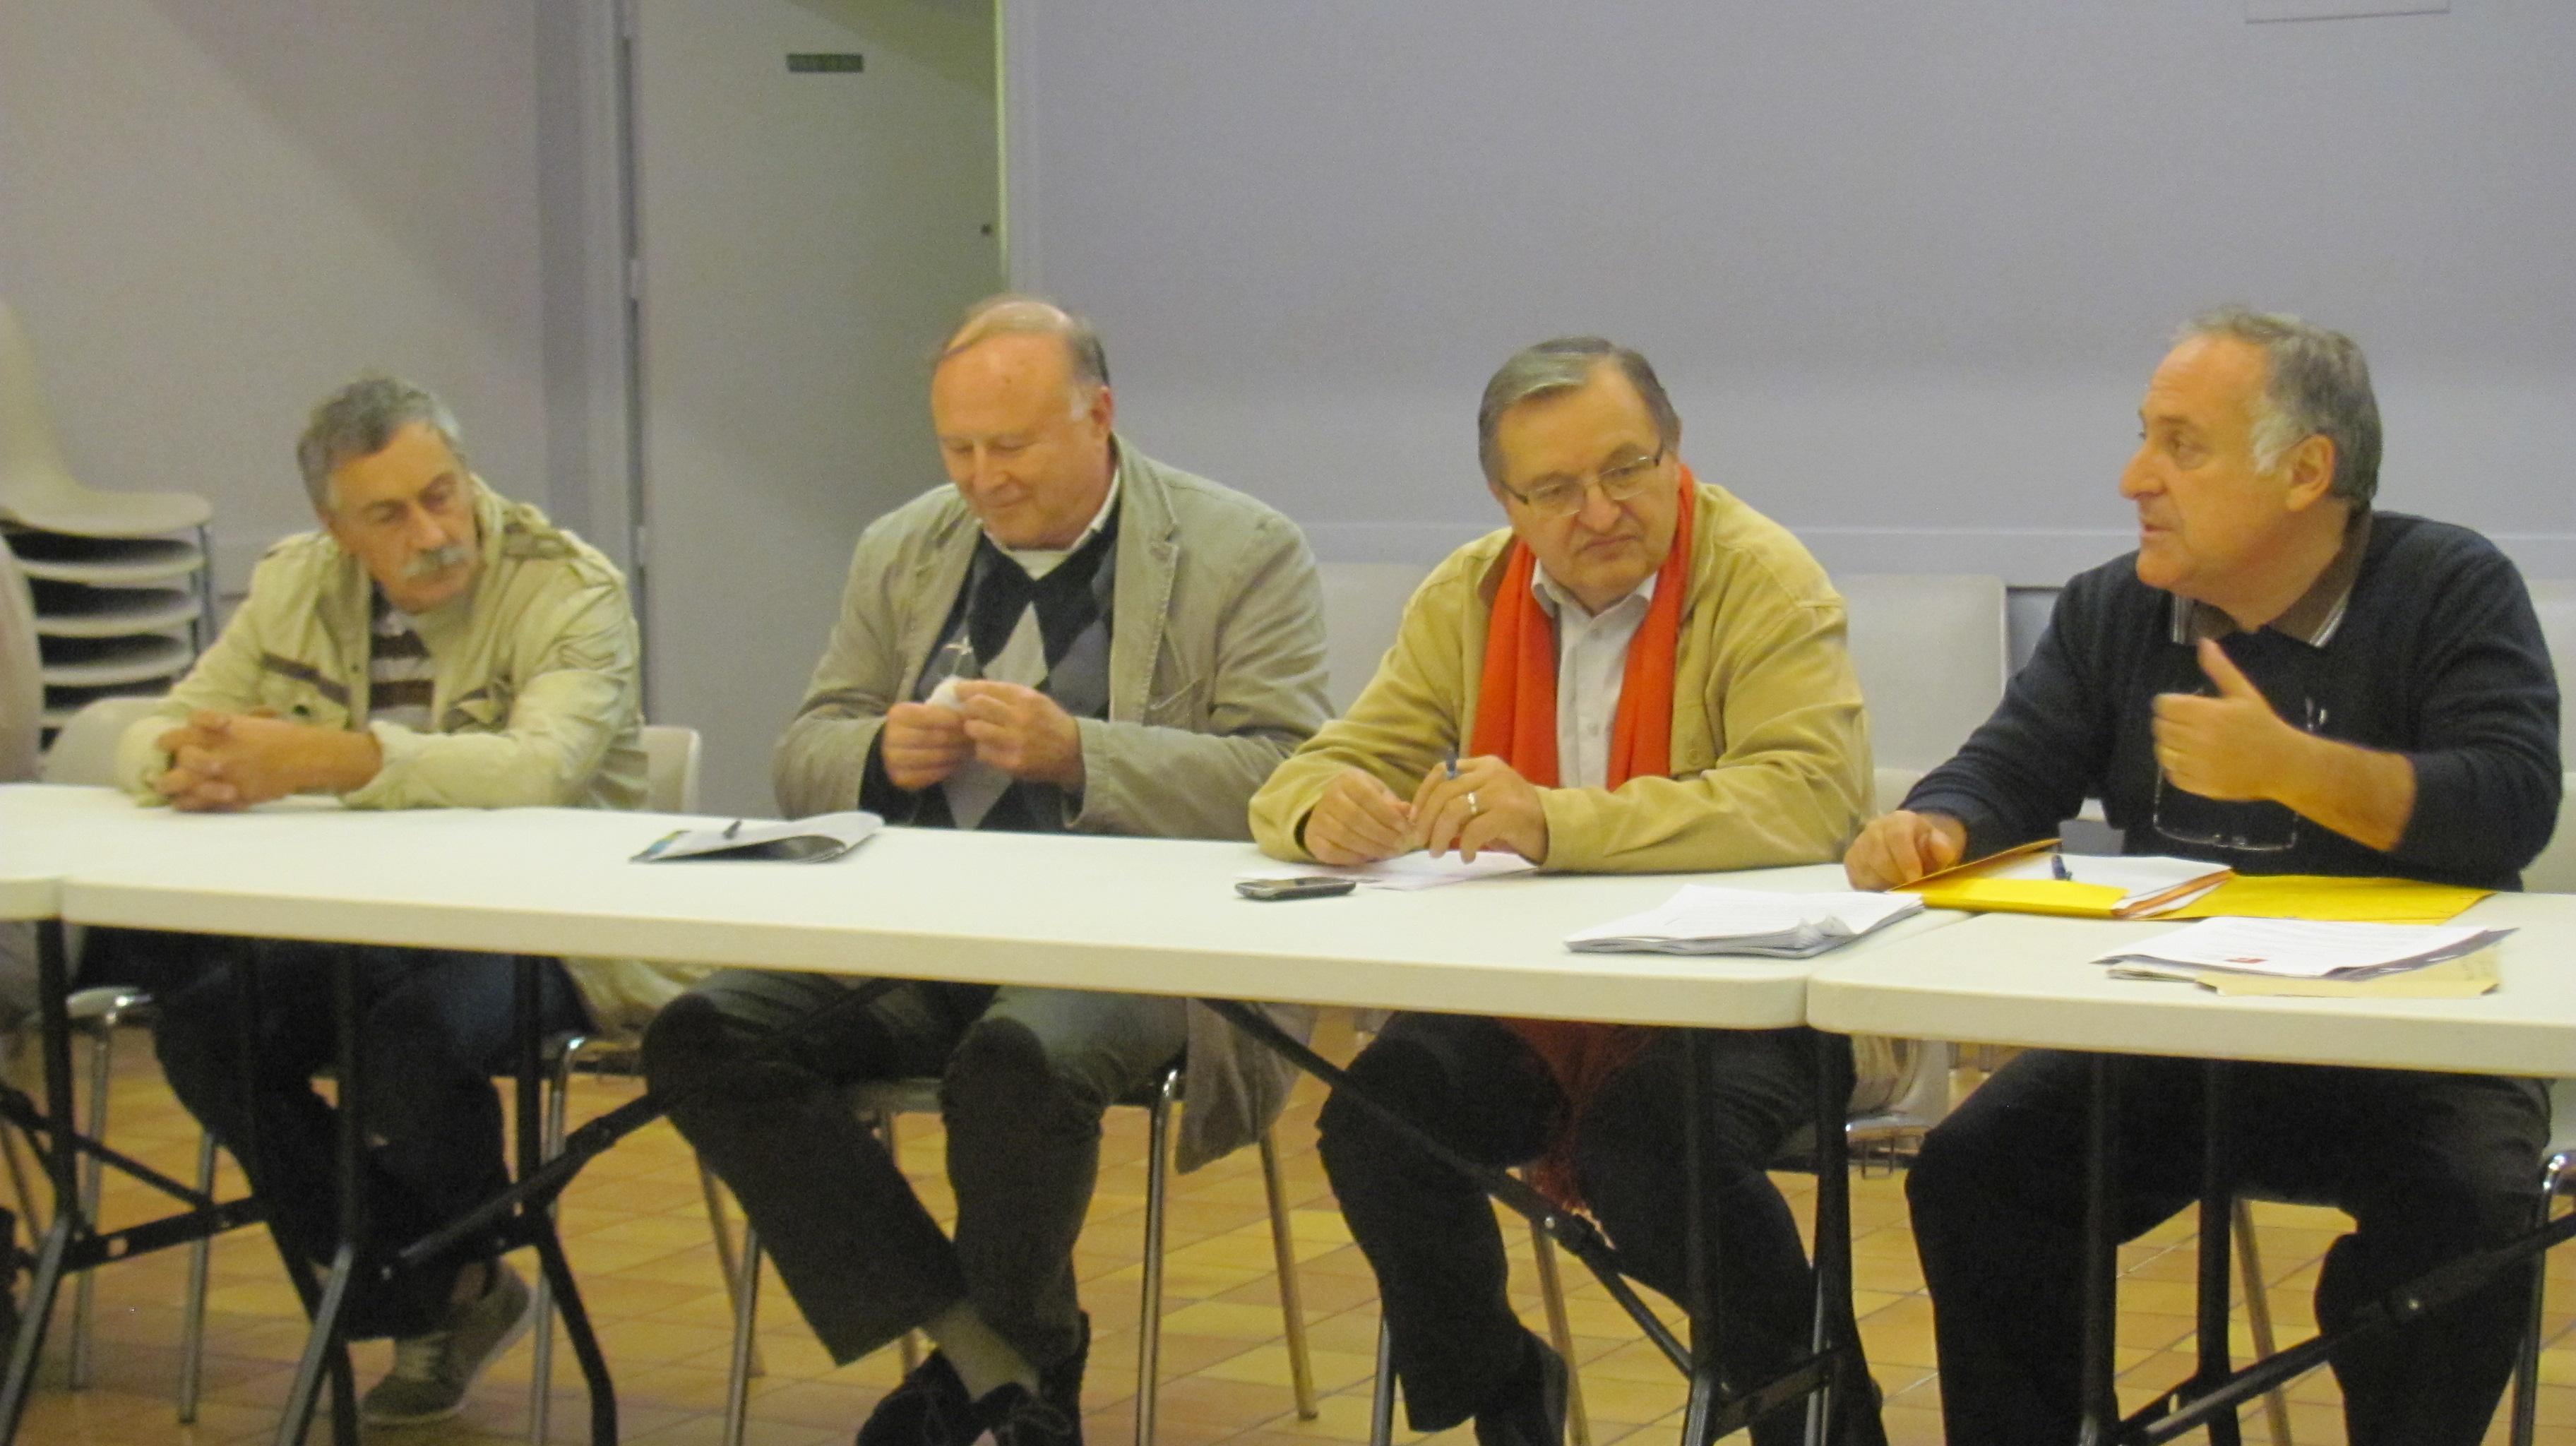 Gestion Publique de l'Eau en débat à Gattières dans les Alpes Maritimes !